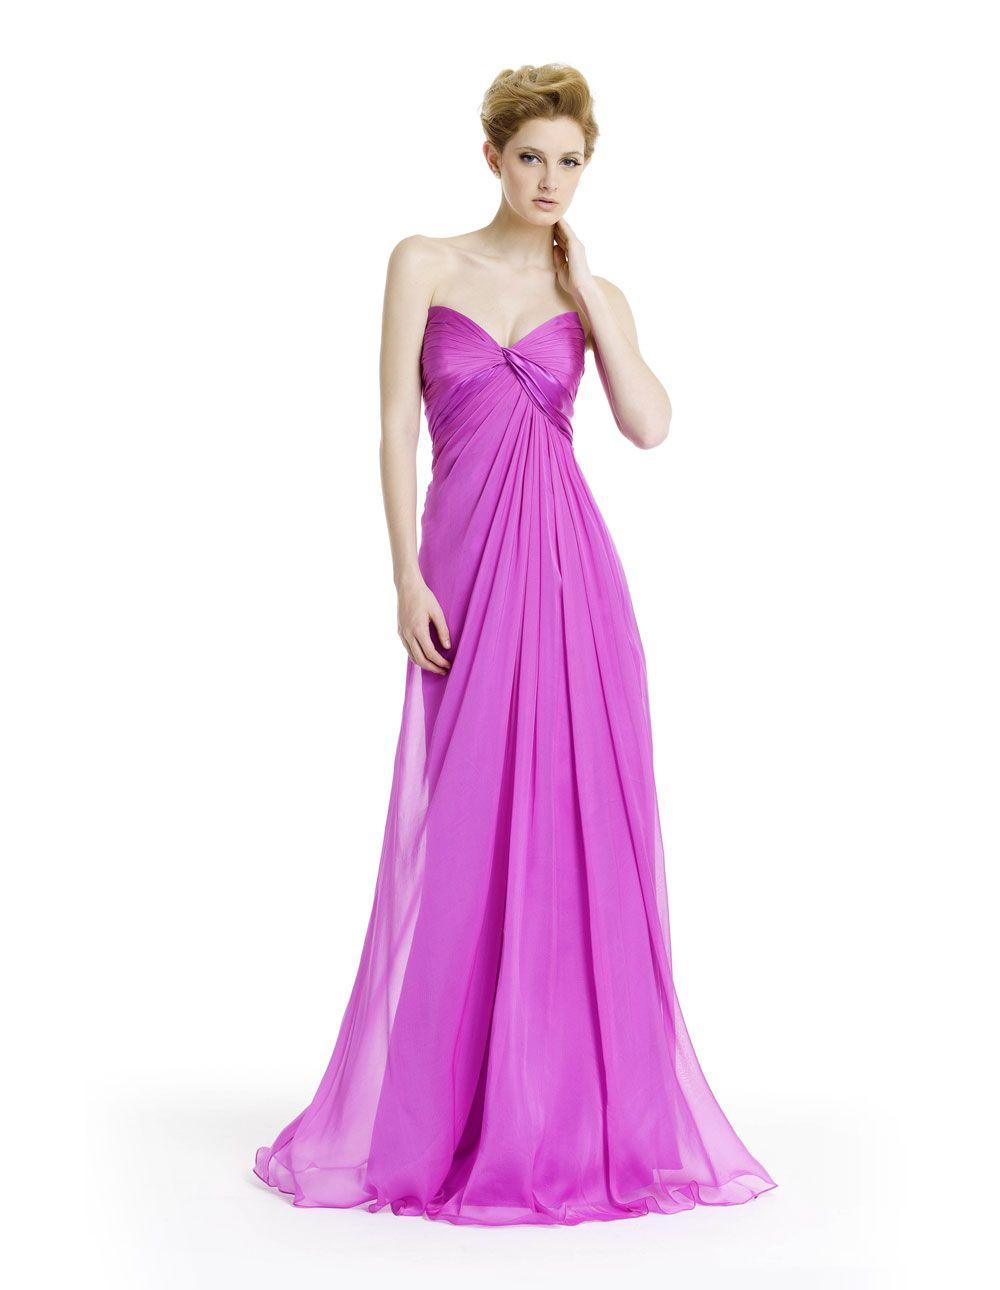 vestidos | Vestidos de Coctel para Boda 2014 | vestidos | Pinterest ...